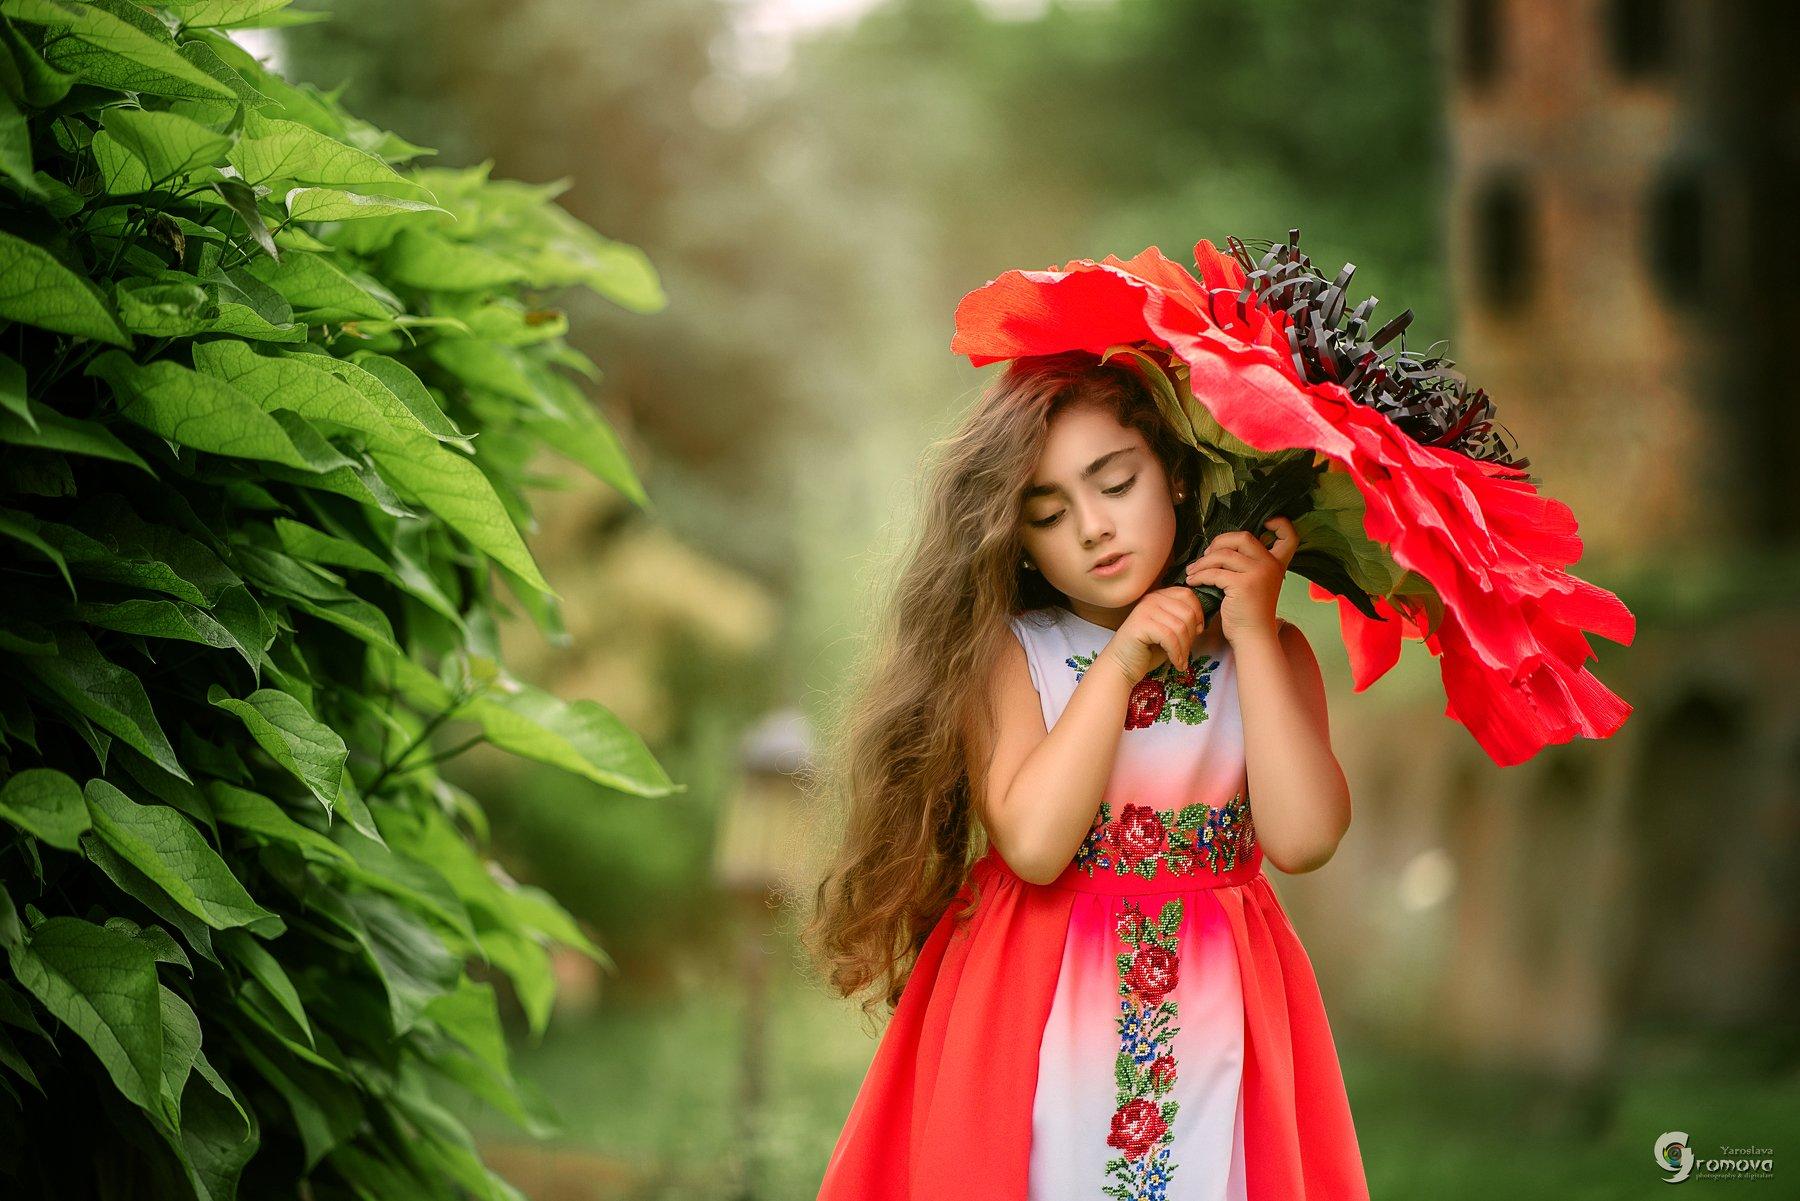 девочка, цветок, лето, сказка, Громова Ярослава